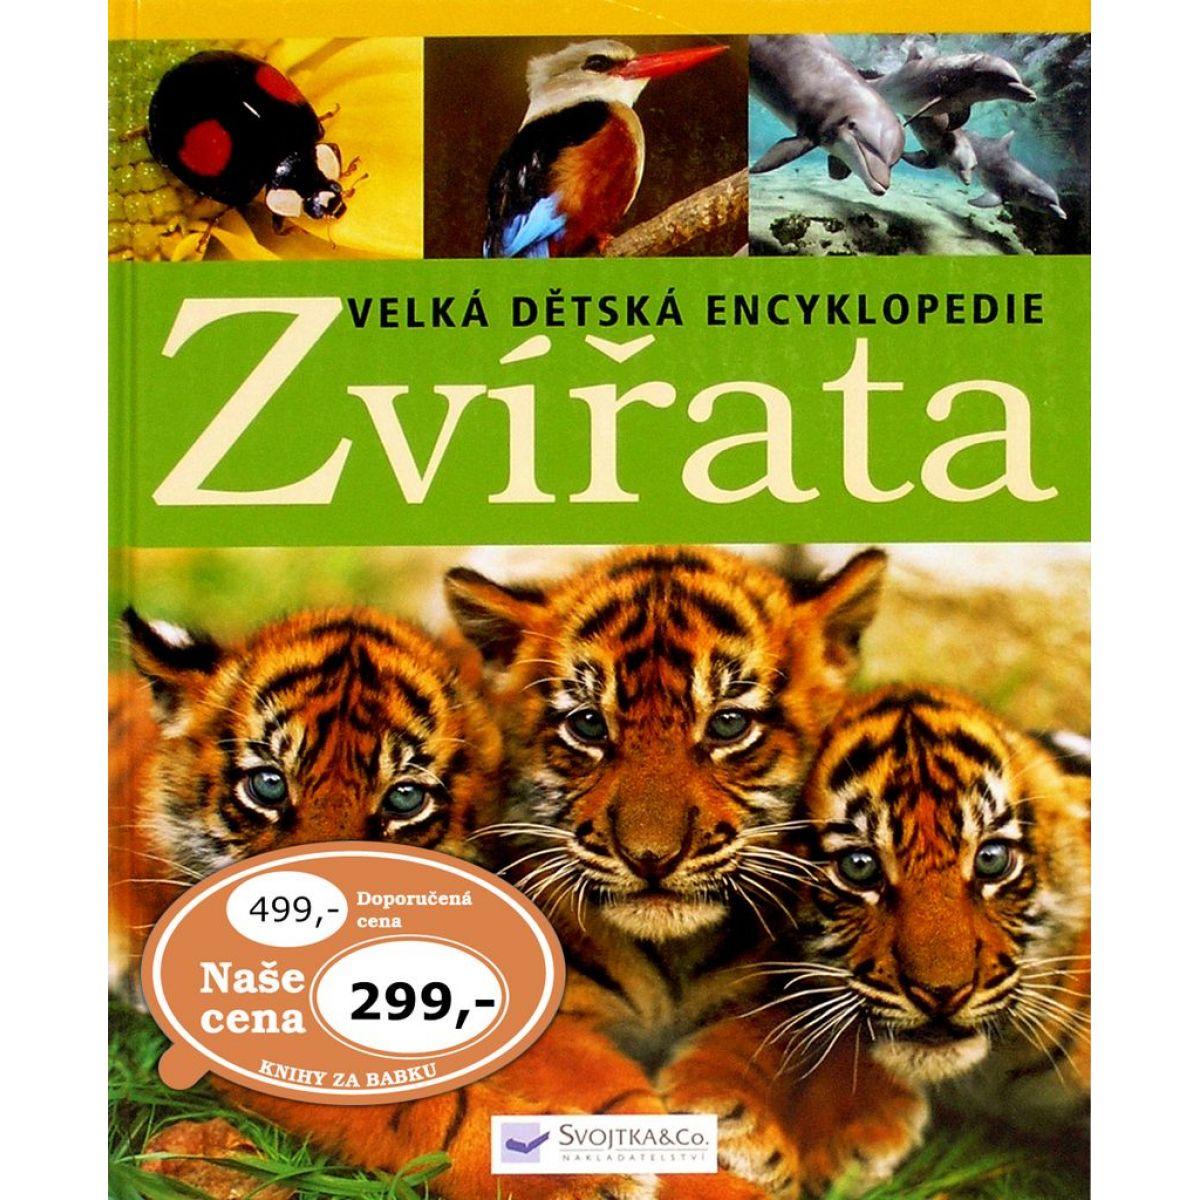 Svojtka Zvířata Velká dětská encyklopedie